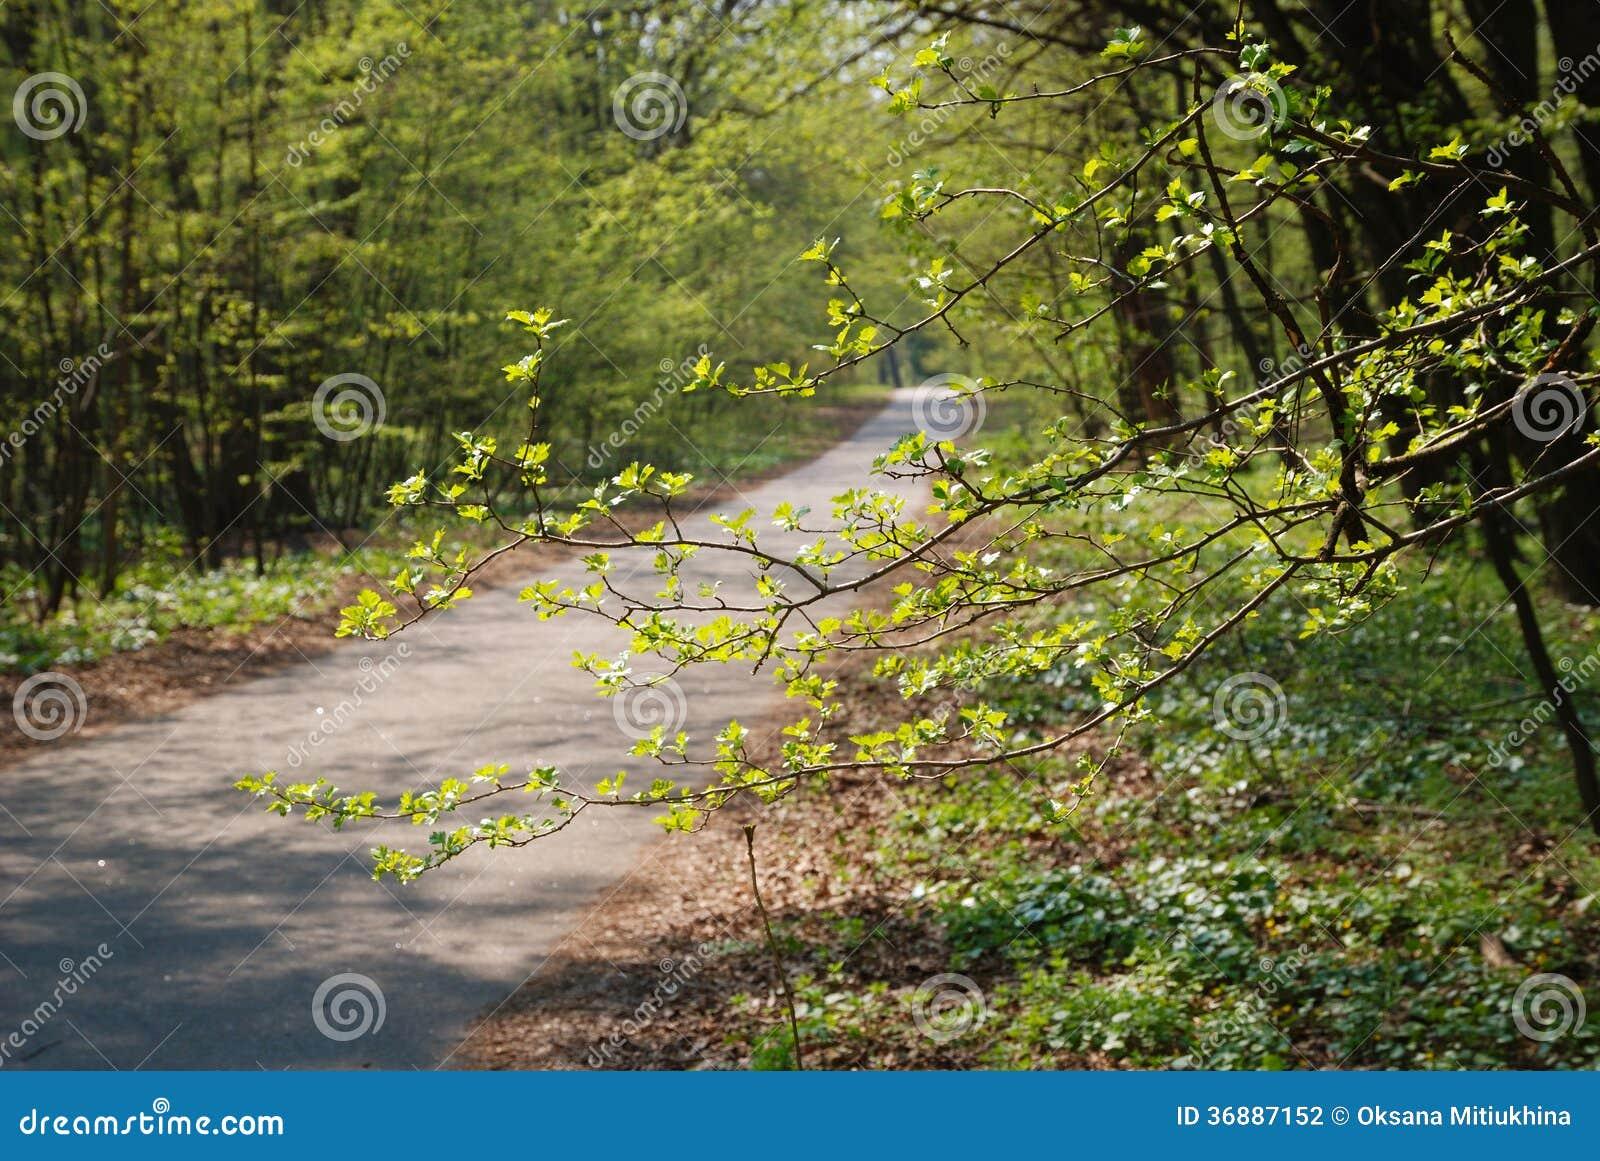 Download Giardino Del Percorso In Primavera Fotografia Stock - Immagine di parco, giardino: 36887152